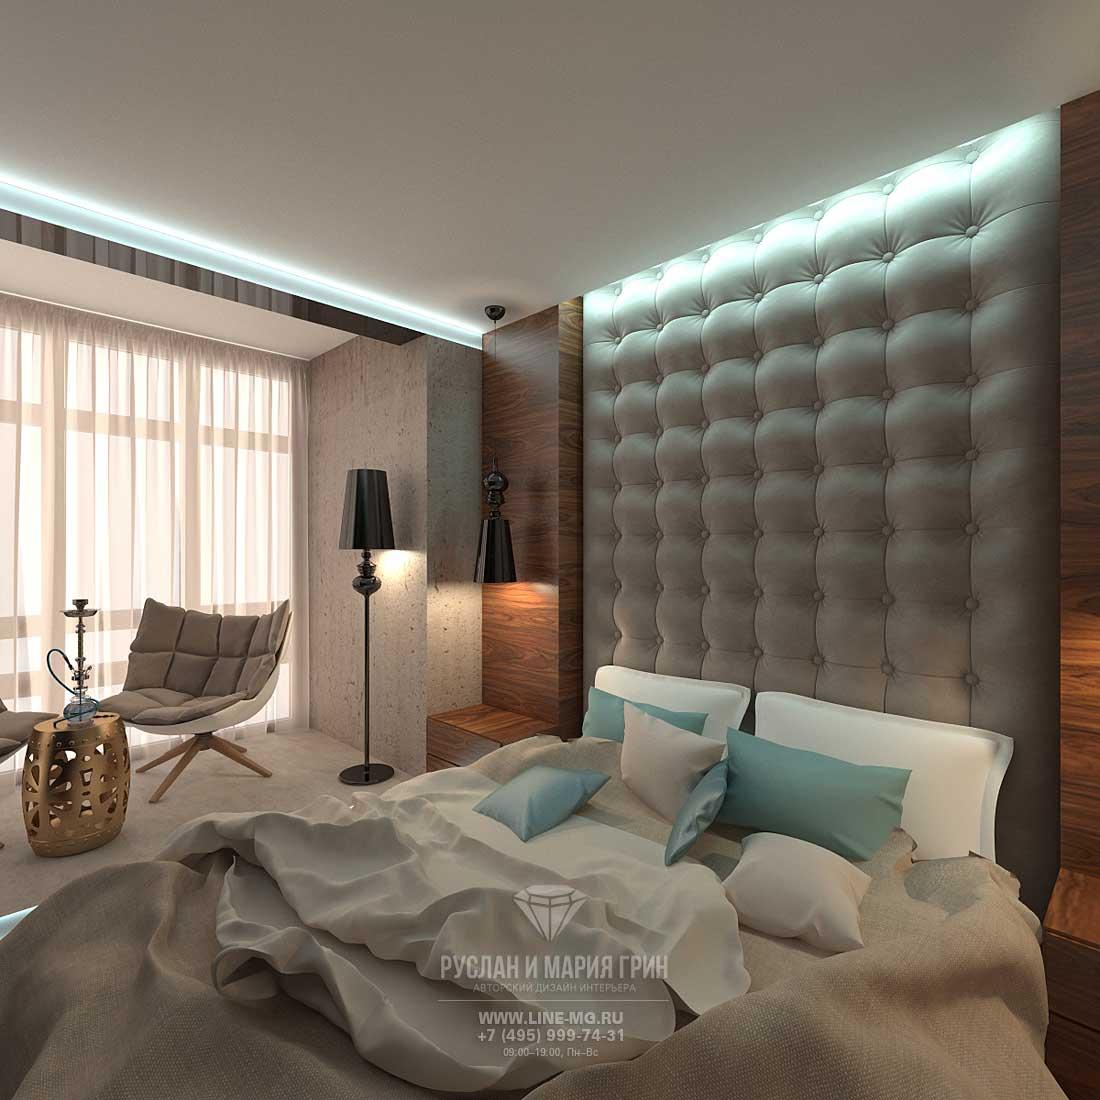 Стильный интерьер спальни в современном стиле